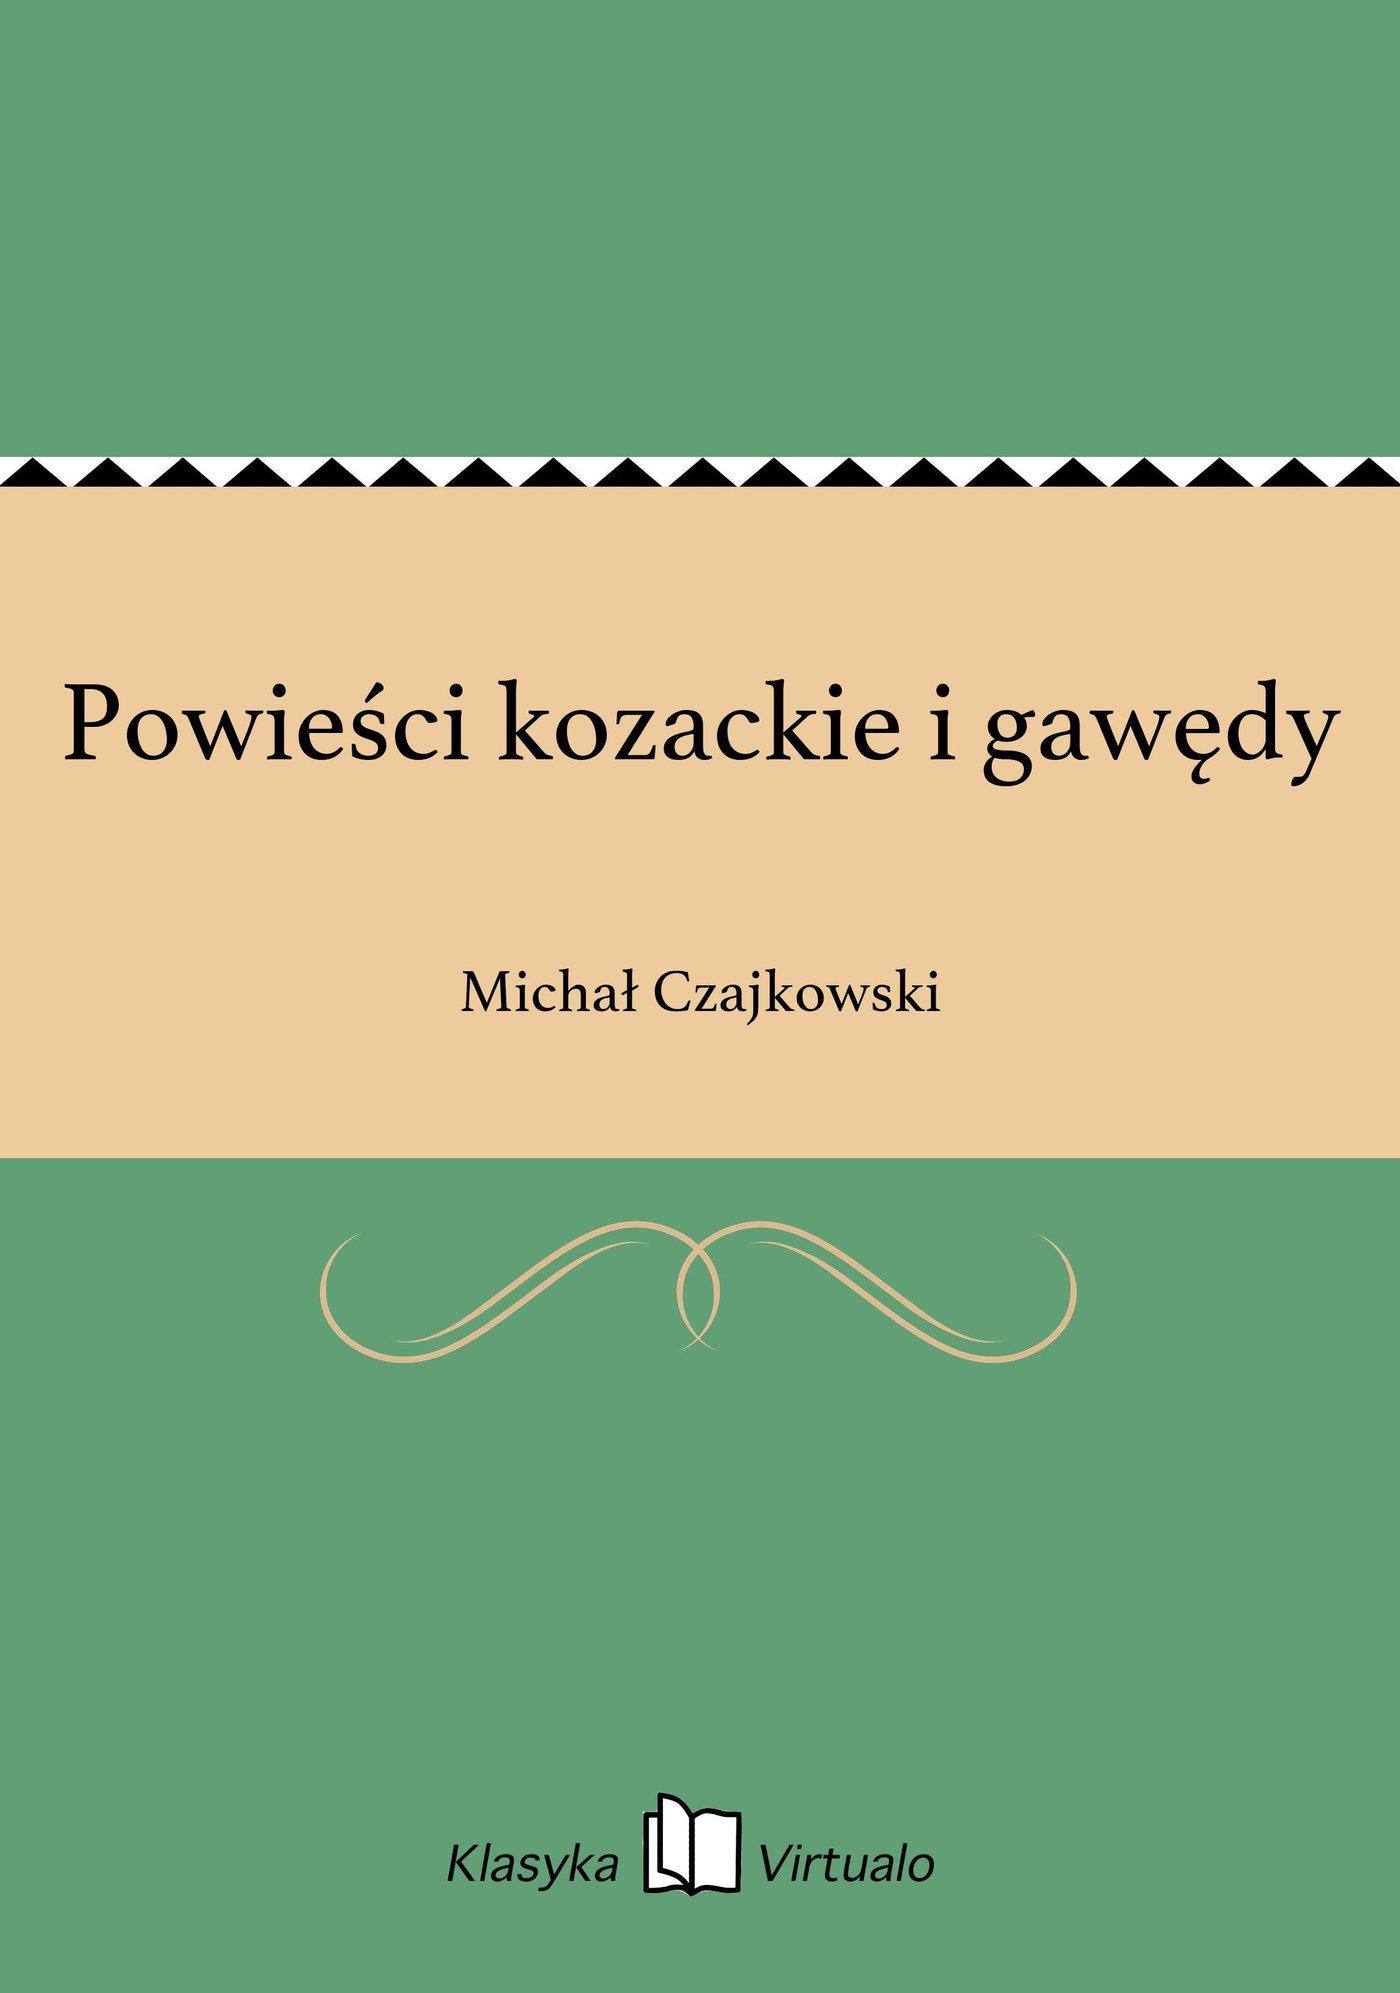 Powieści kozackie i gawędy - Ebook (Książka na Kindle) do pobrania w formacie MOBI